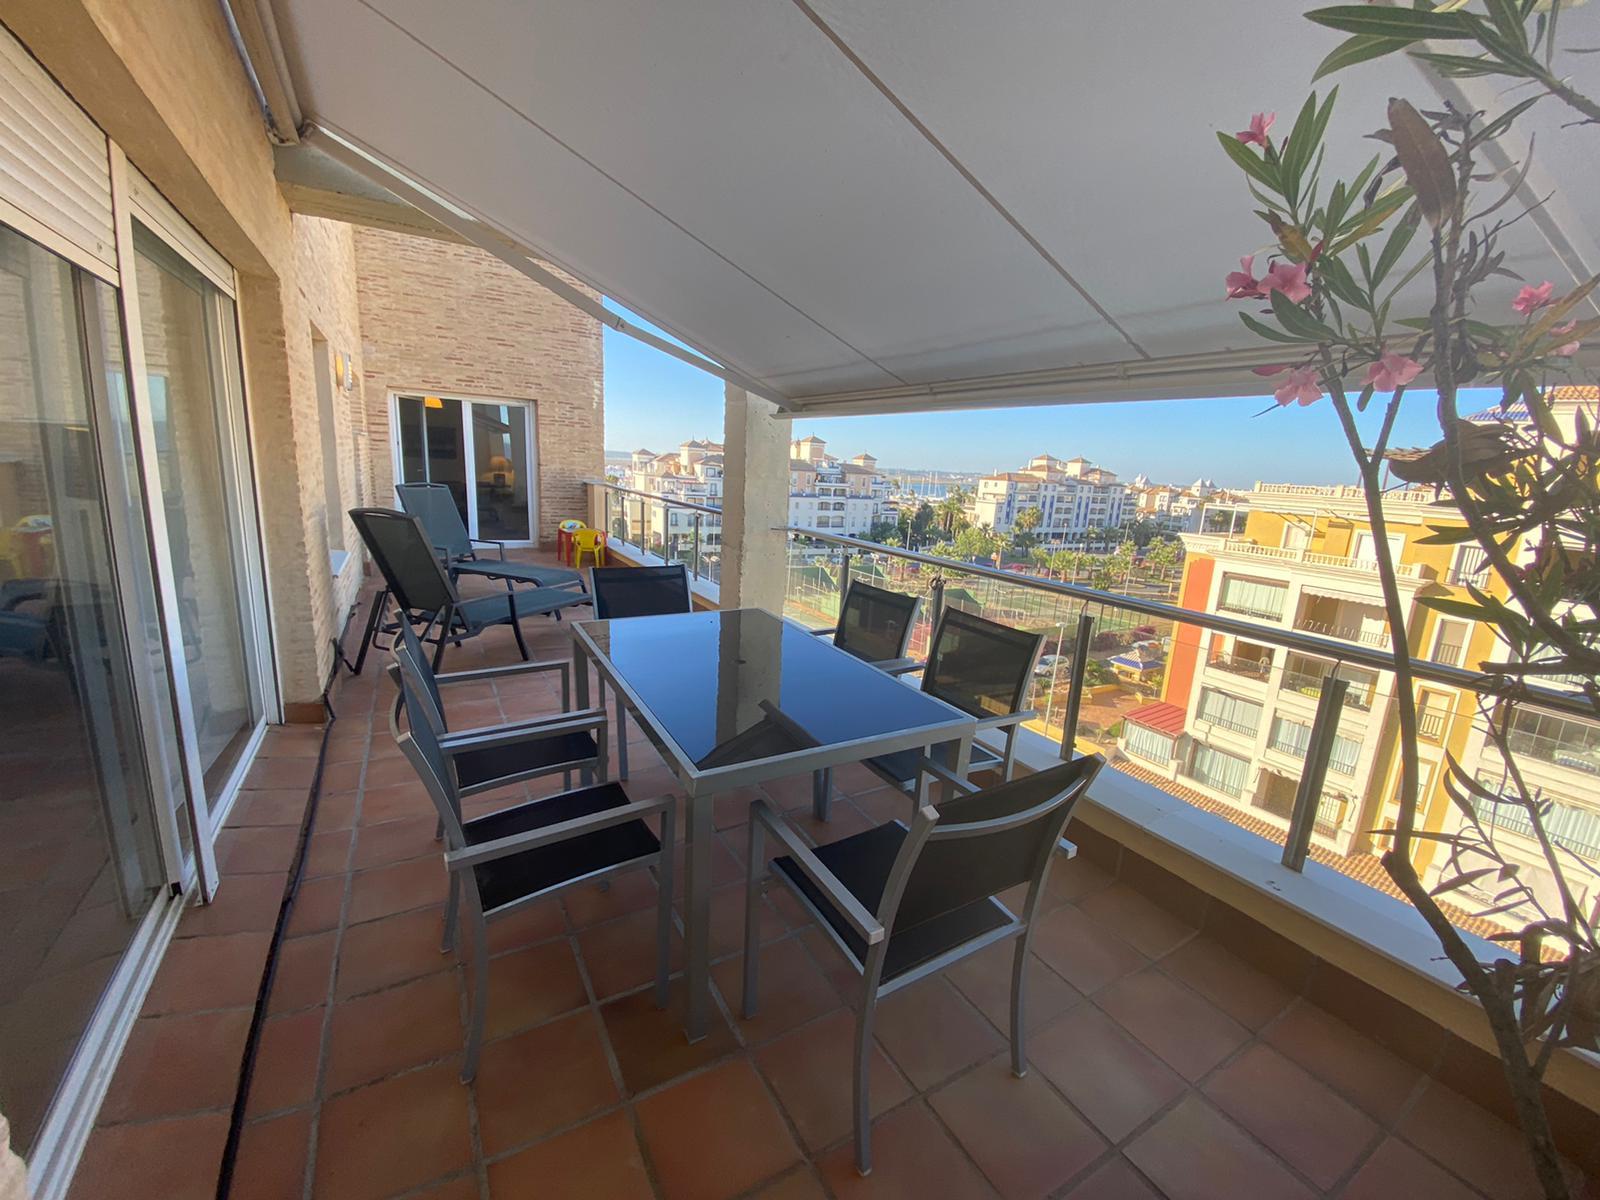 Imagen 46 del Apartamento Turístico, Ático 6 Levante (3d+2b), Punta del Moral (HUELVA), Paseo de la Cruz nº22